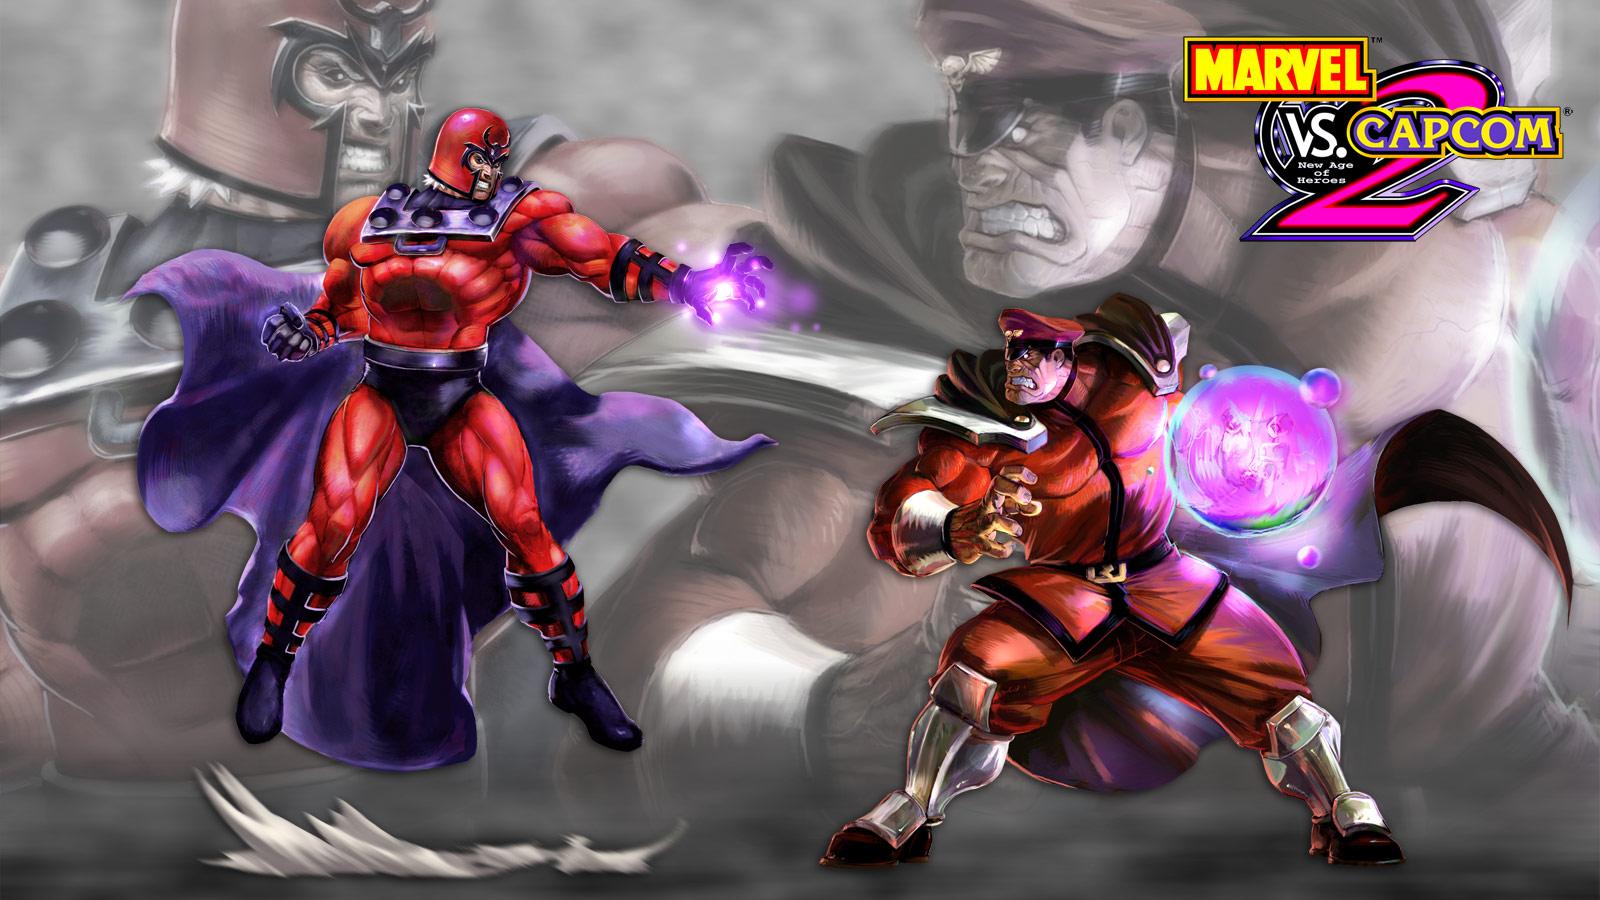 Marvel vs. Capcom 2 artwork, M. Bison vs. Magneto